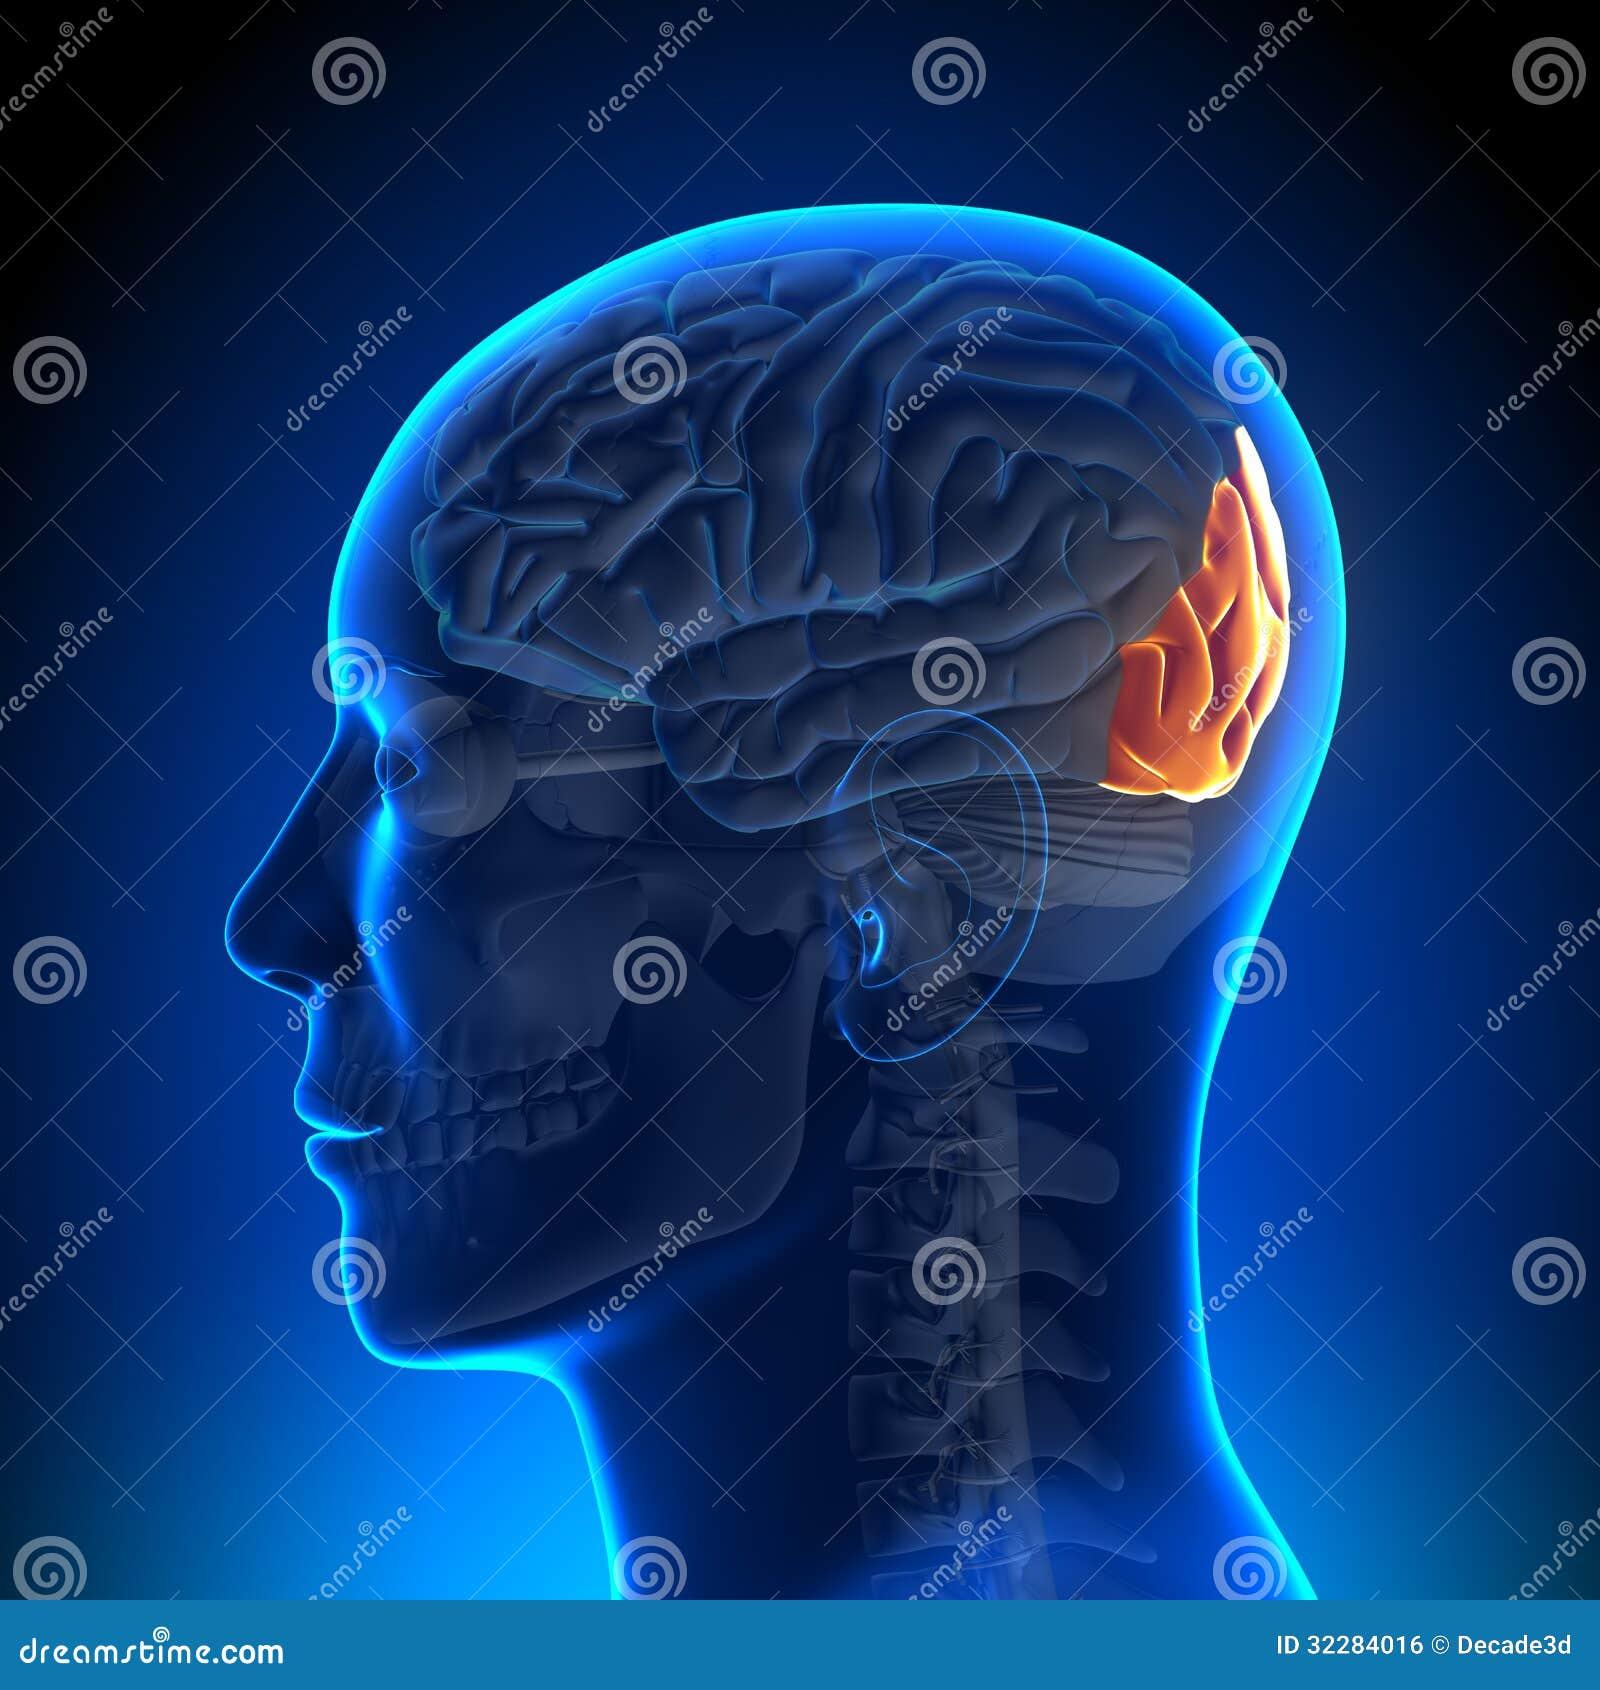 脑子解剖学-枕叶 免版税库存图片 - 图片: 32284016